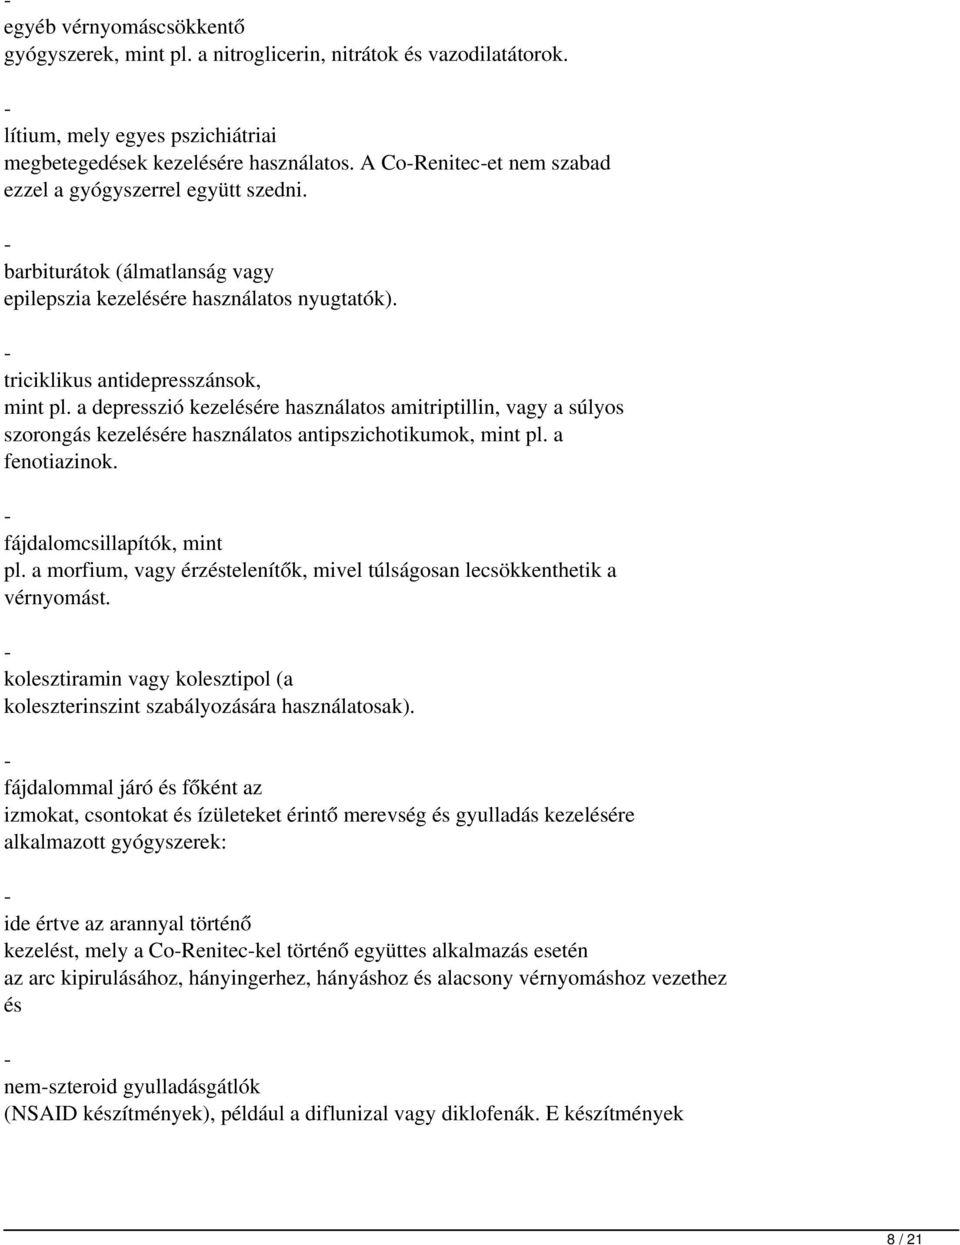 NITROMINT 8 mg/g szájnyálkahártyán alkalmazott spray - Gyógyszerkereső - Háherbaria-levendula.hu